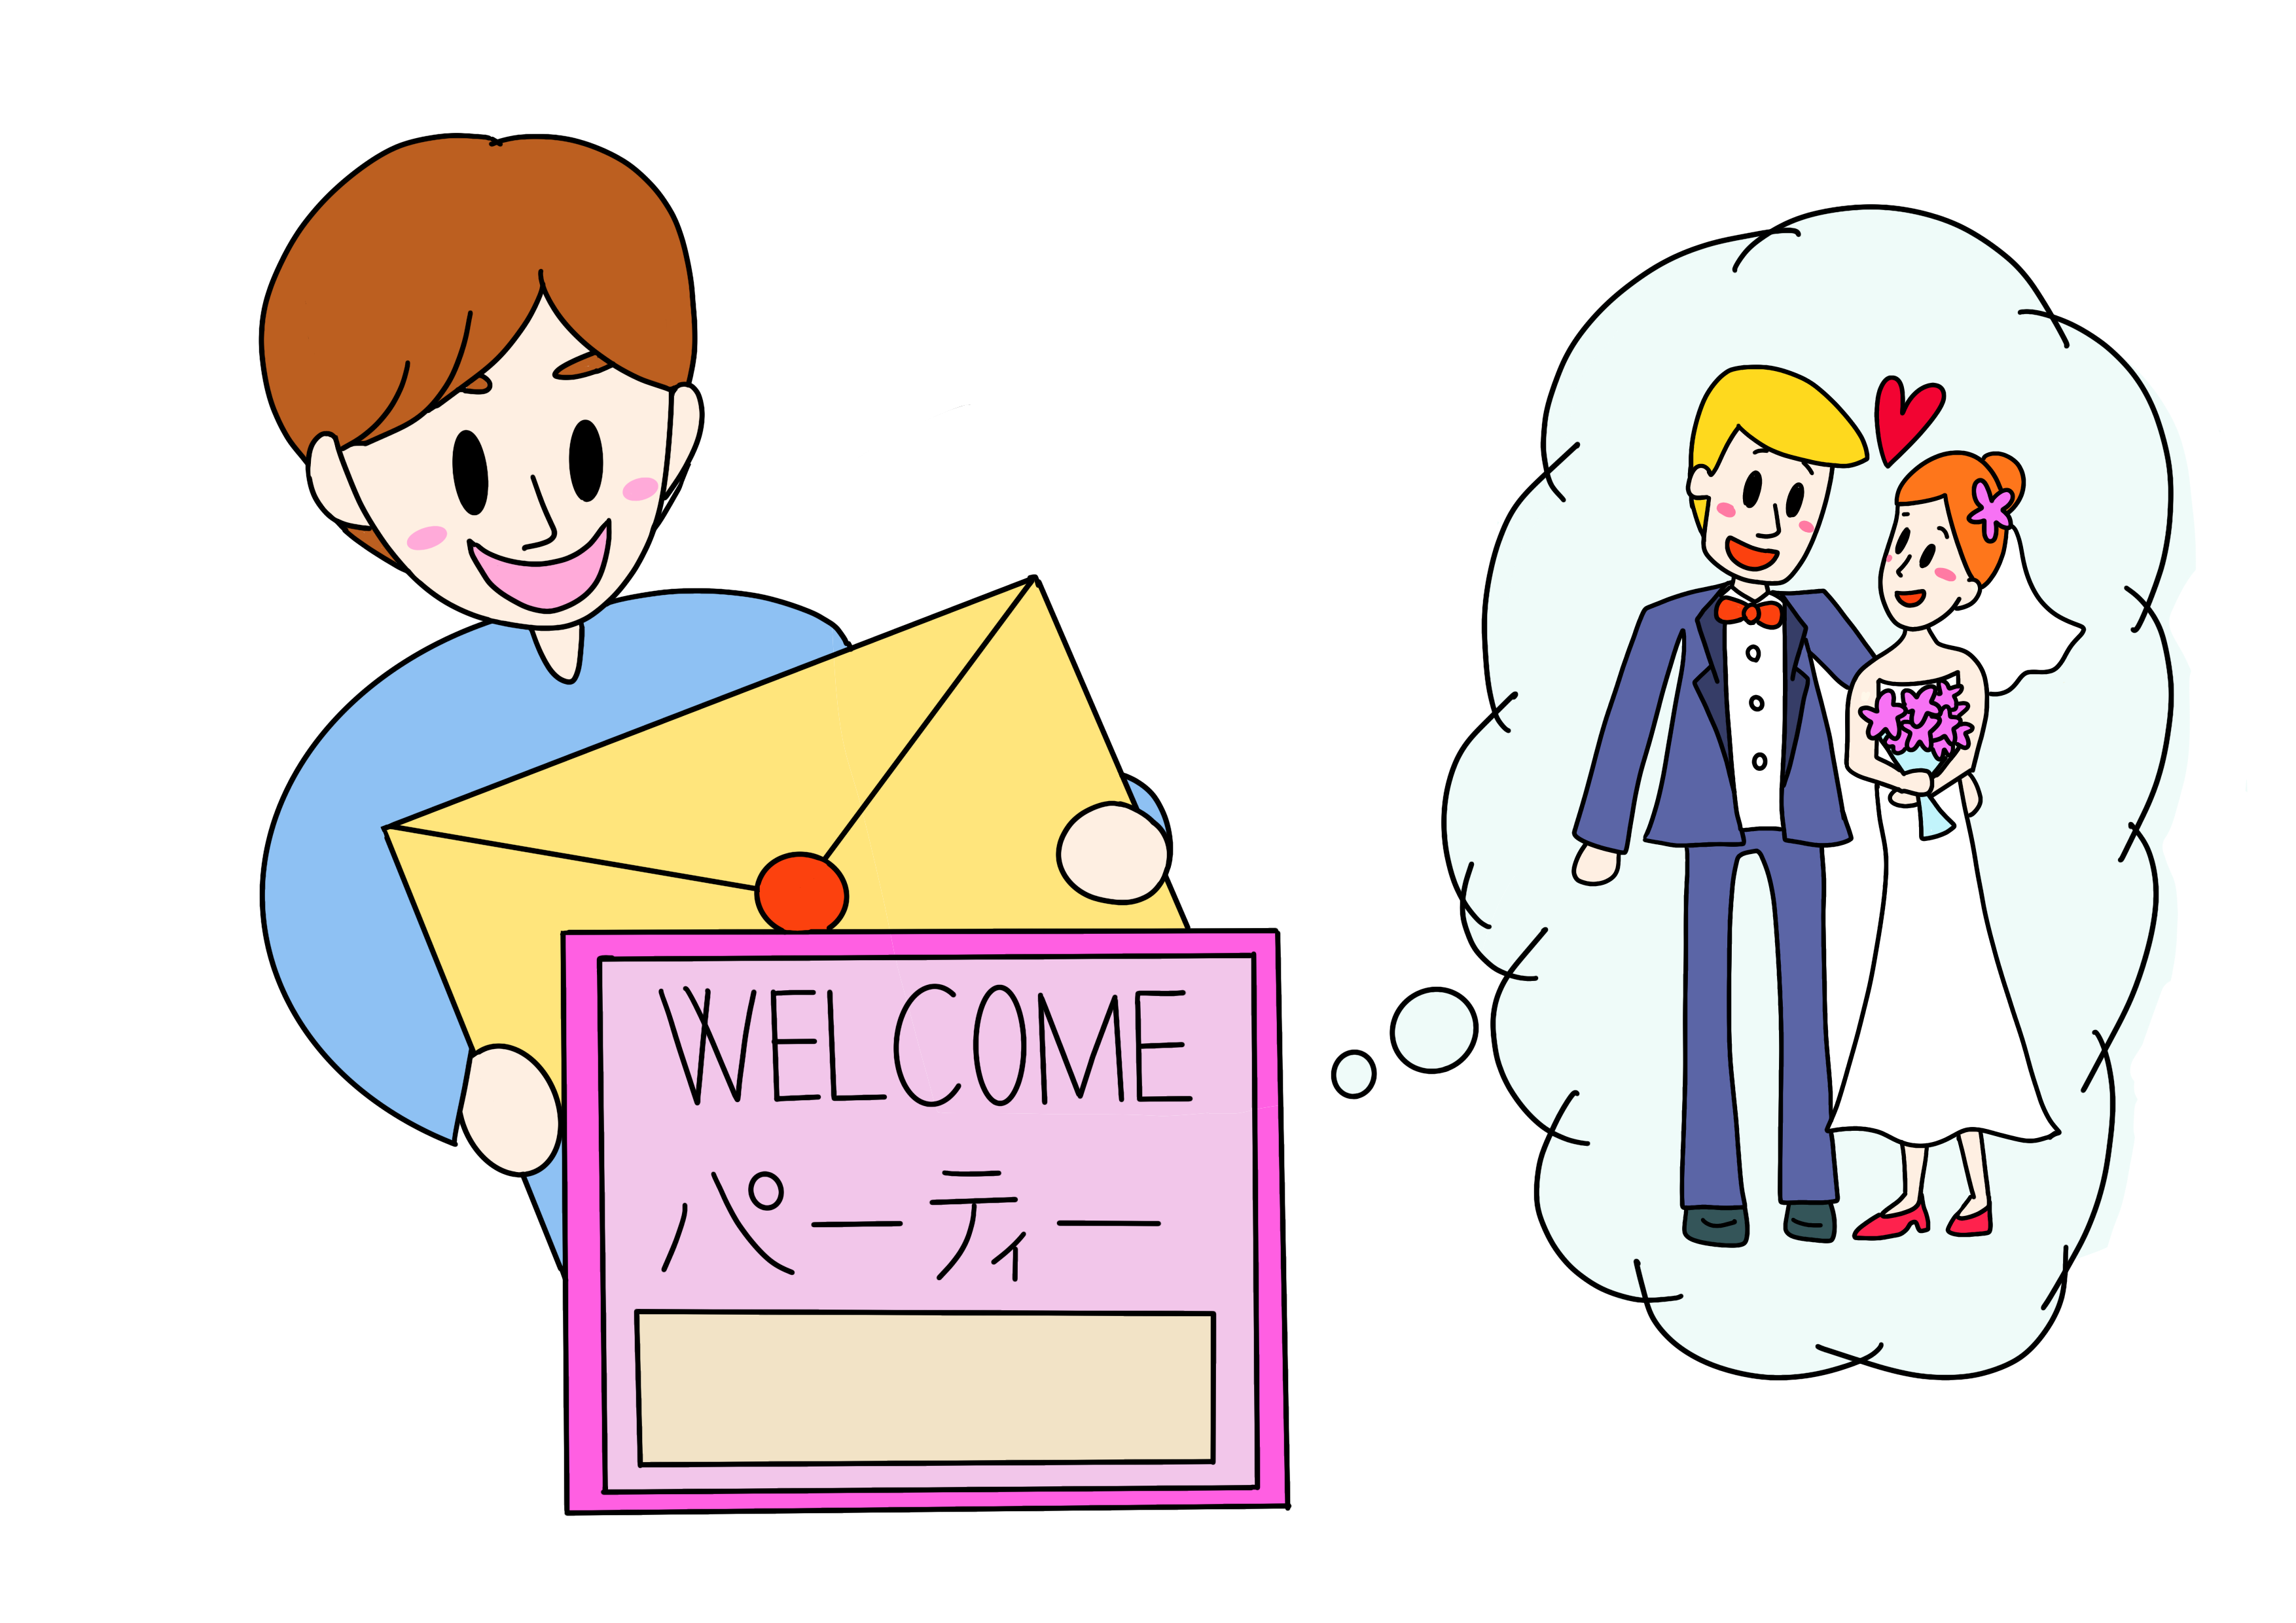 37課イラスト【招待する】